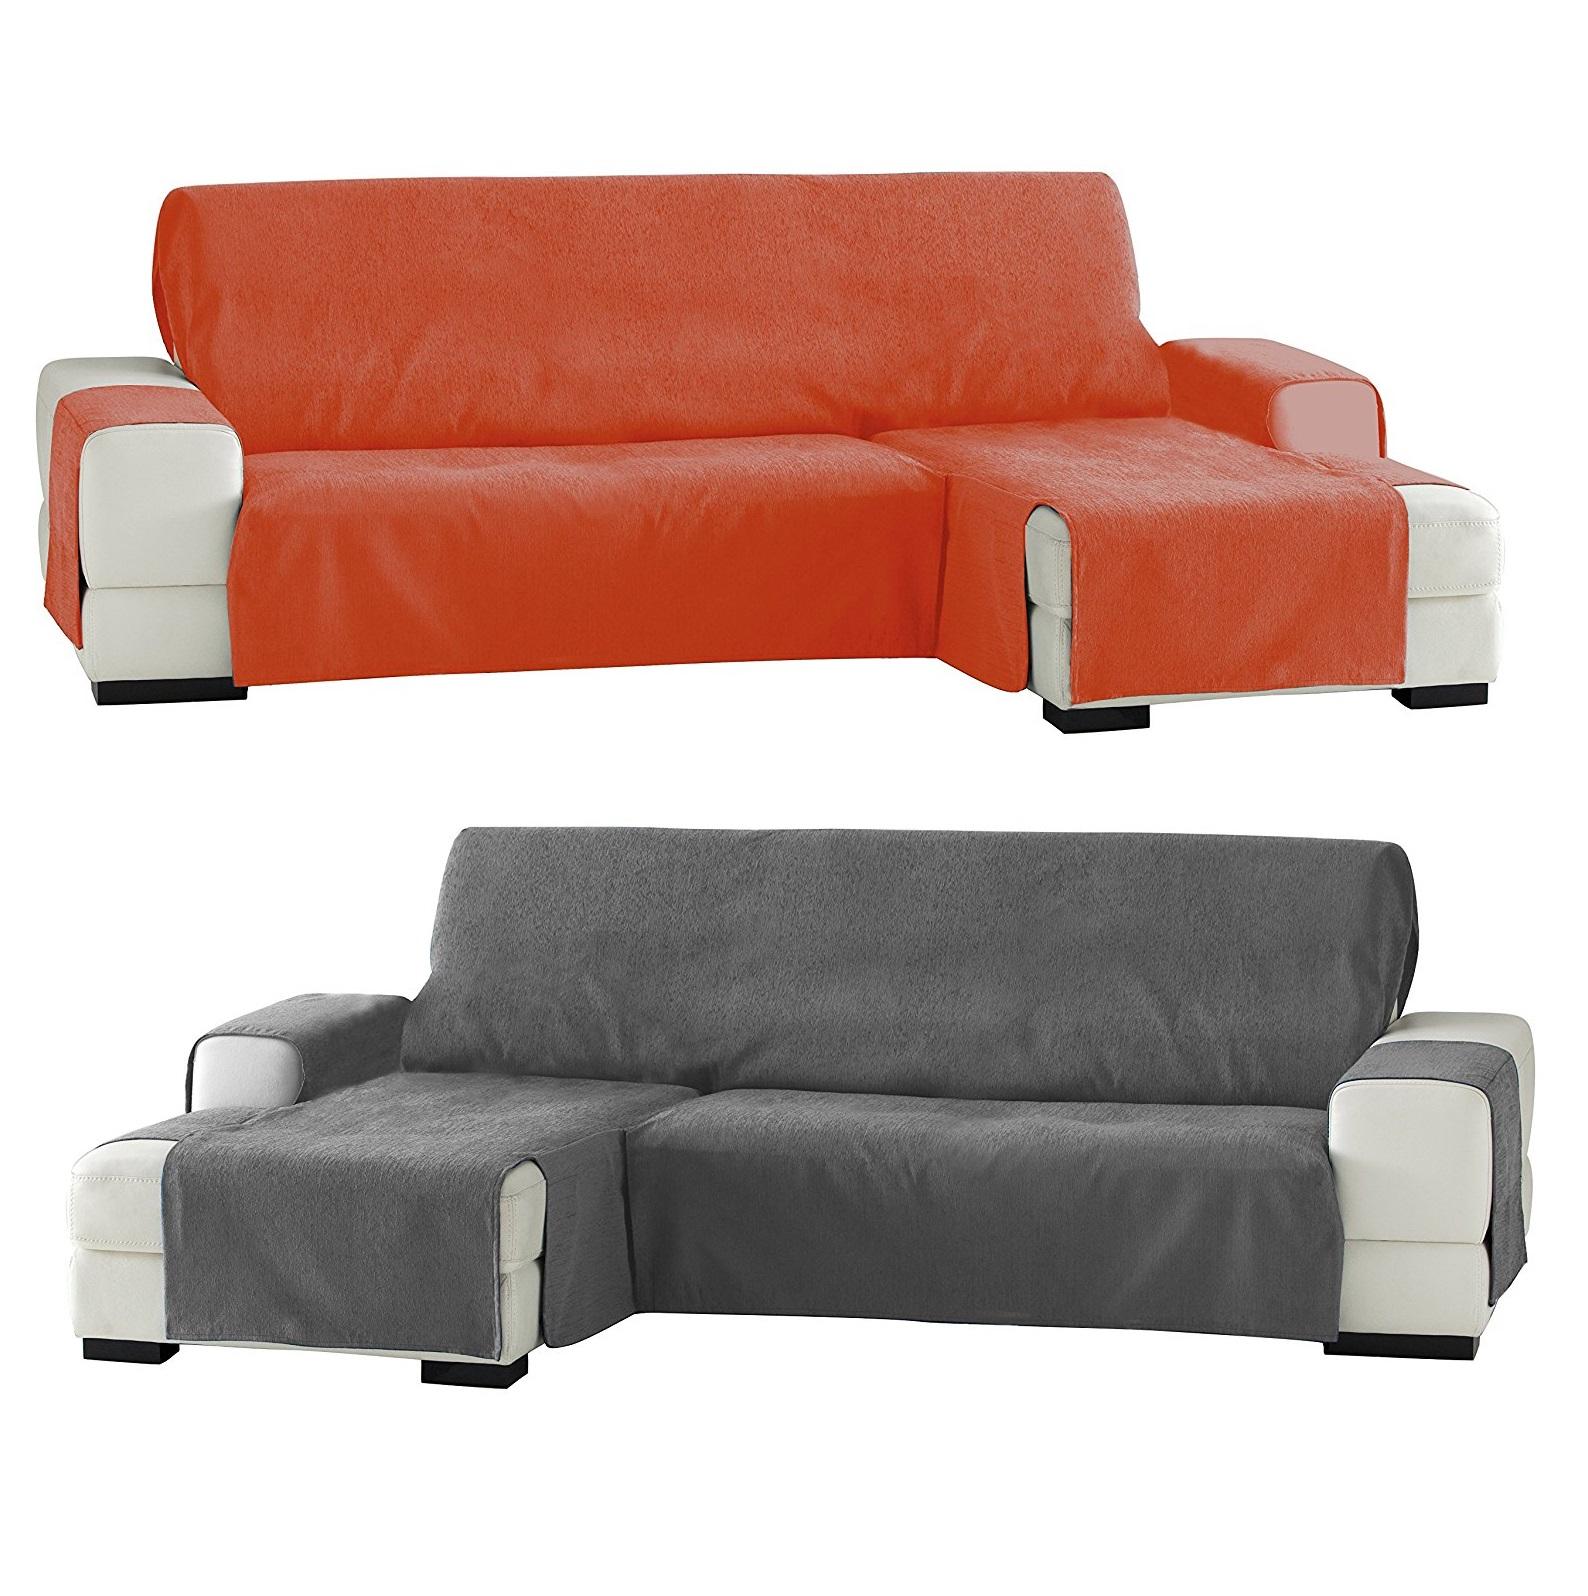 Sofa para habitacion fotos juveniles aficionados futbol - Sofa para cuarto ...